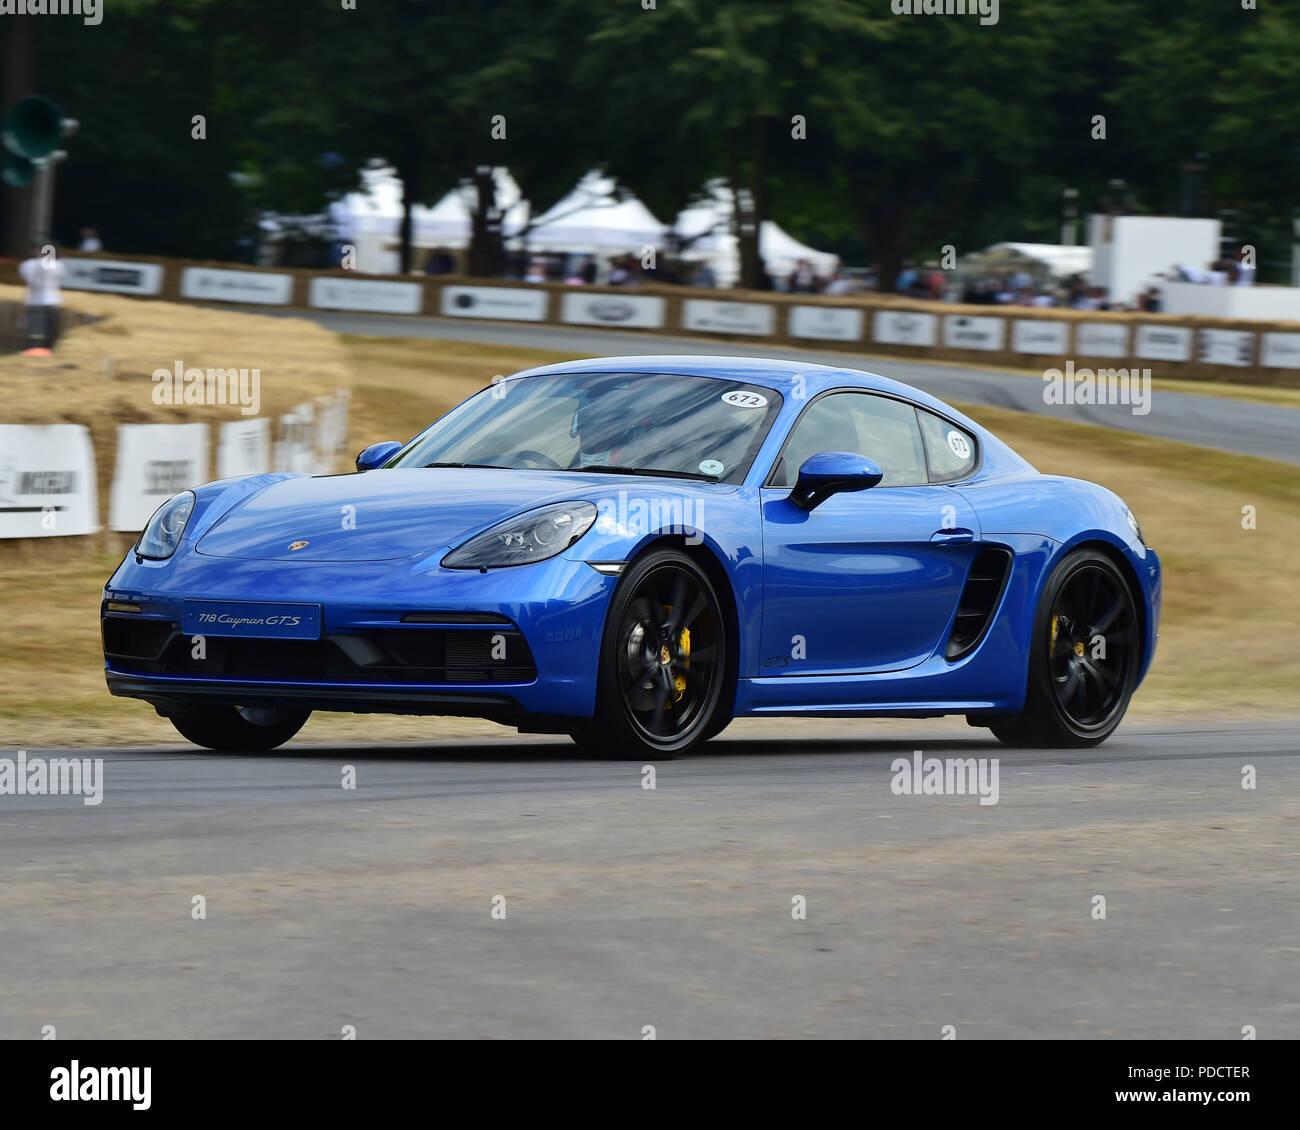 2018 Porsche 718 Cayman Camshaft: Porsche Cayman Stock Photos & Porsche Cayman Stock Images